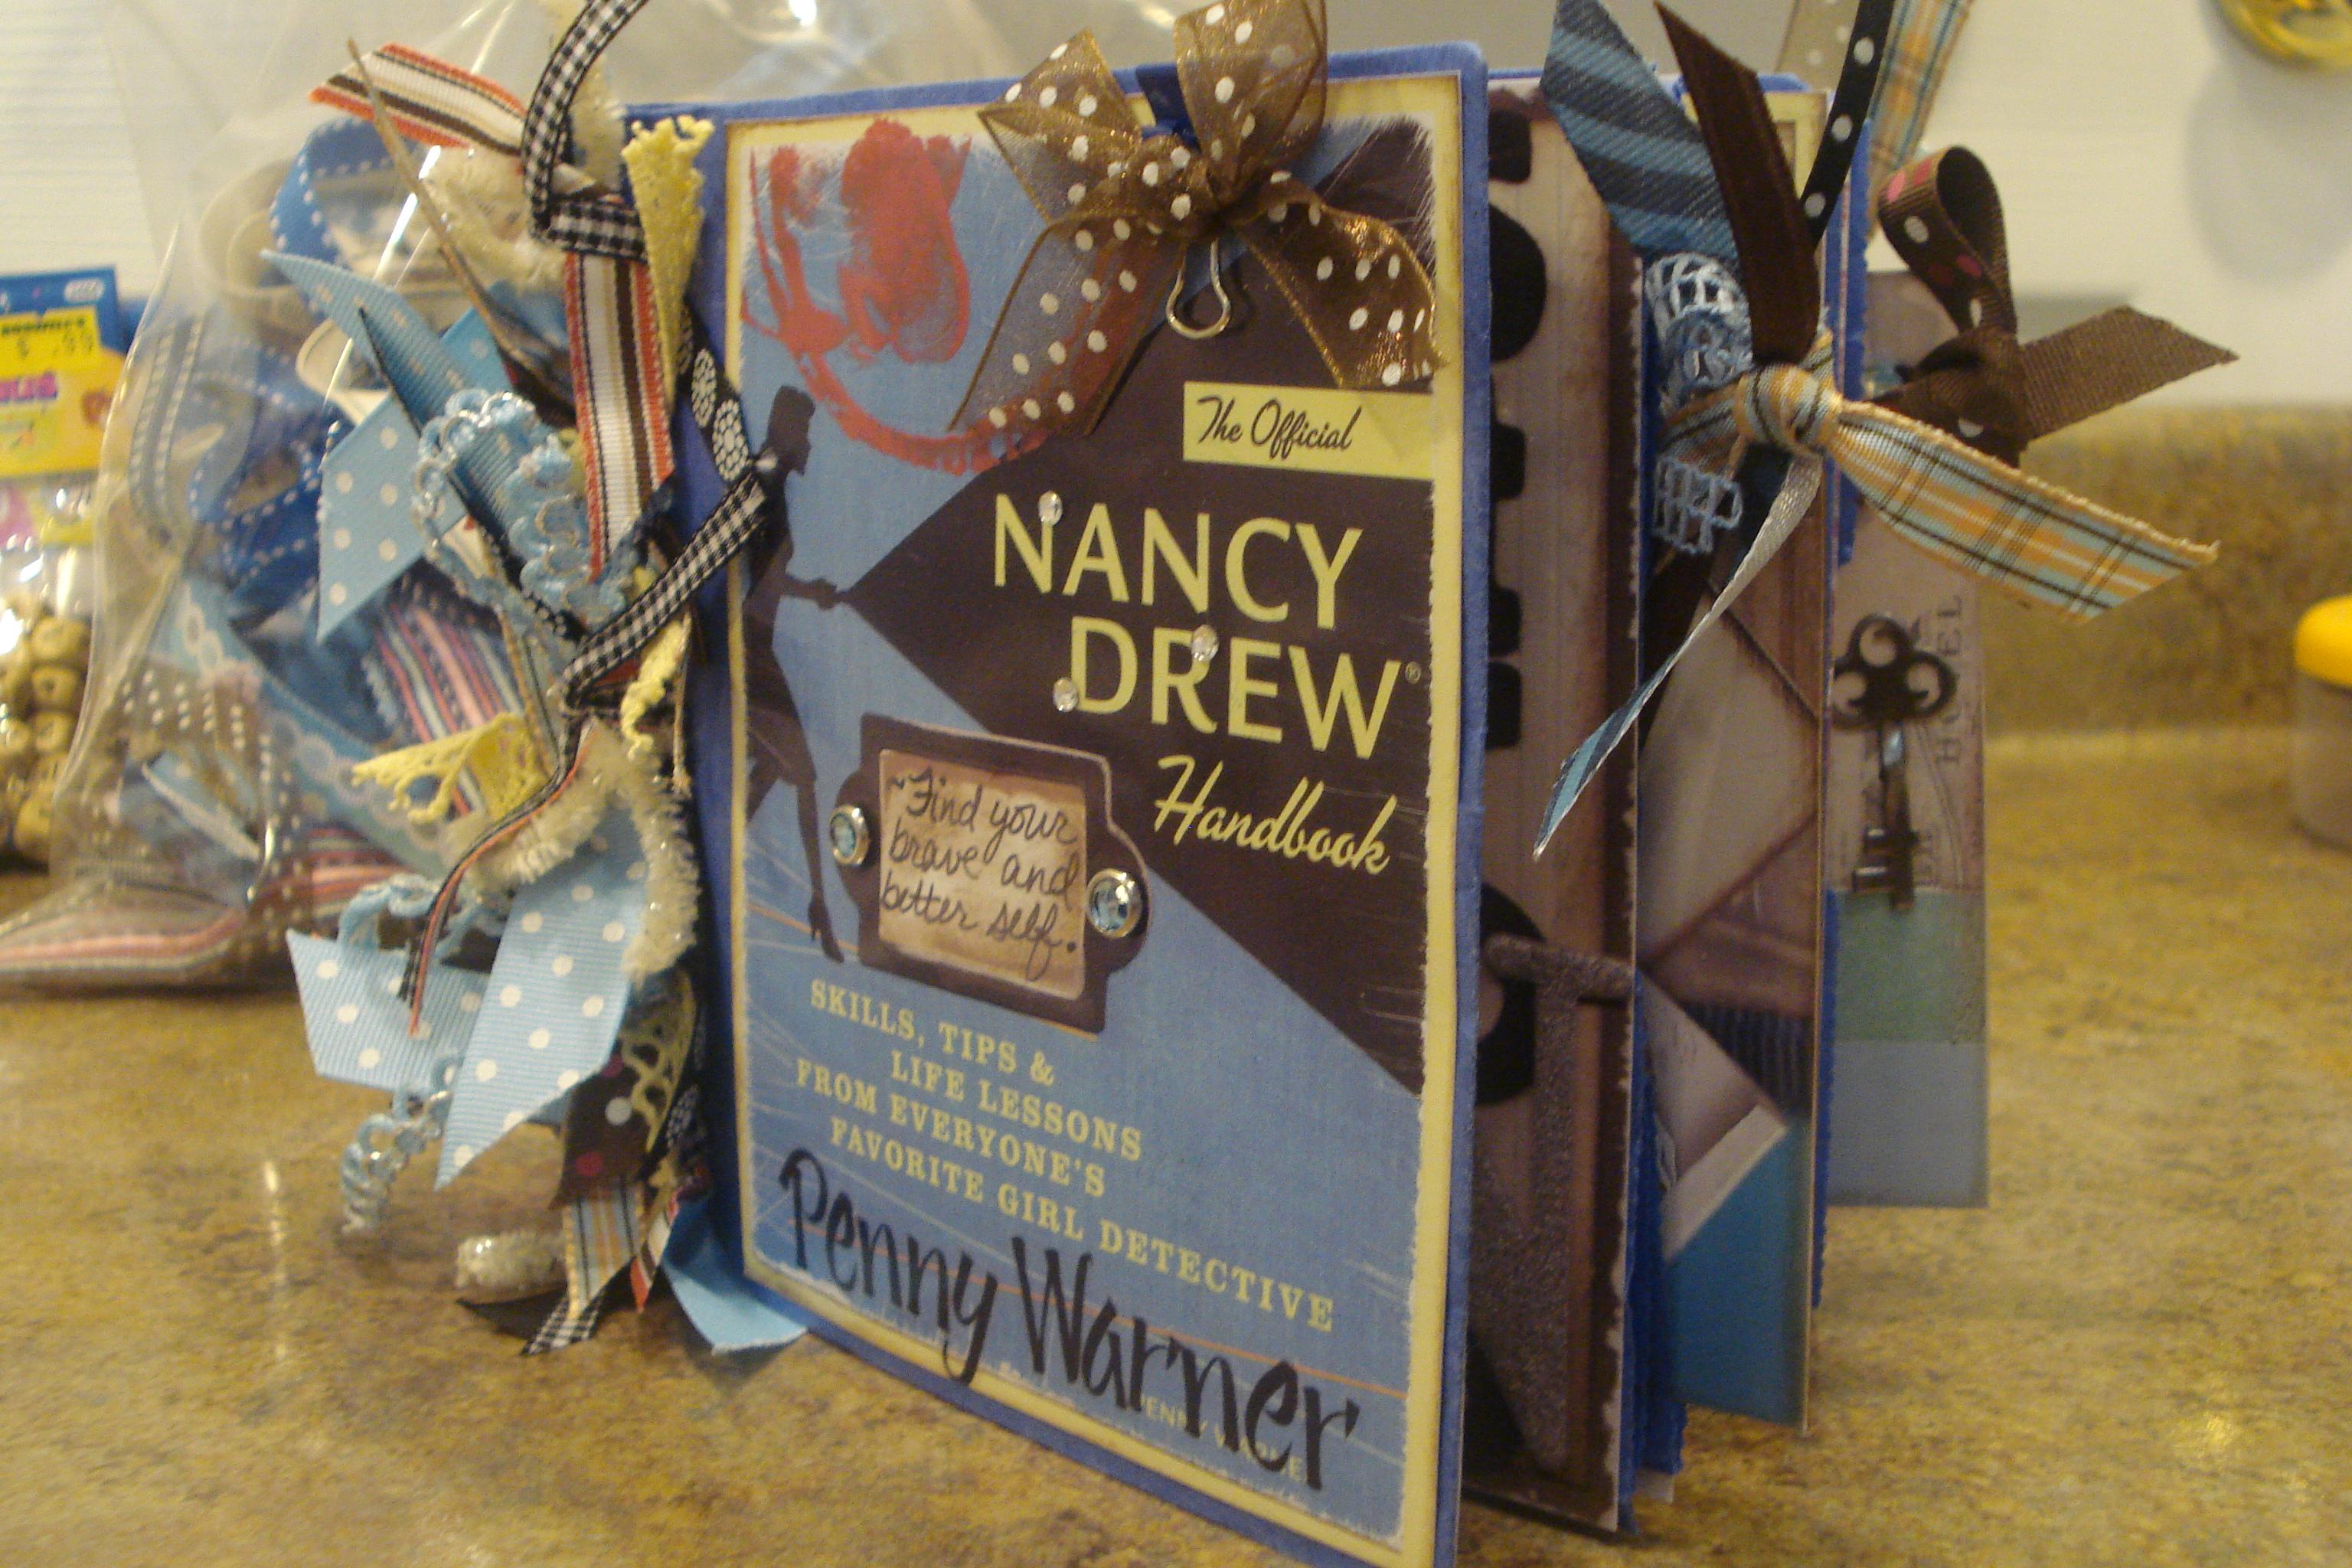 Nancy Drew Scrapbooks! & Penny Warner: The Official Nancy Drew Handbook